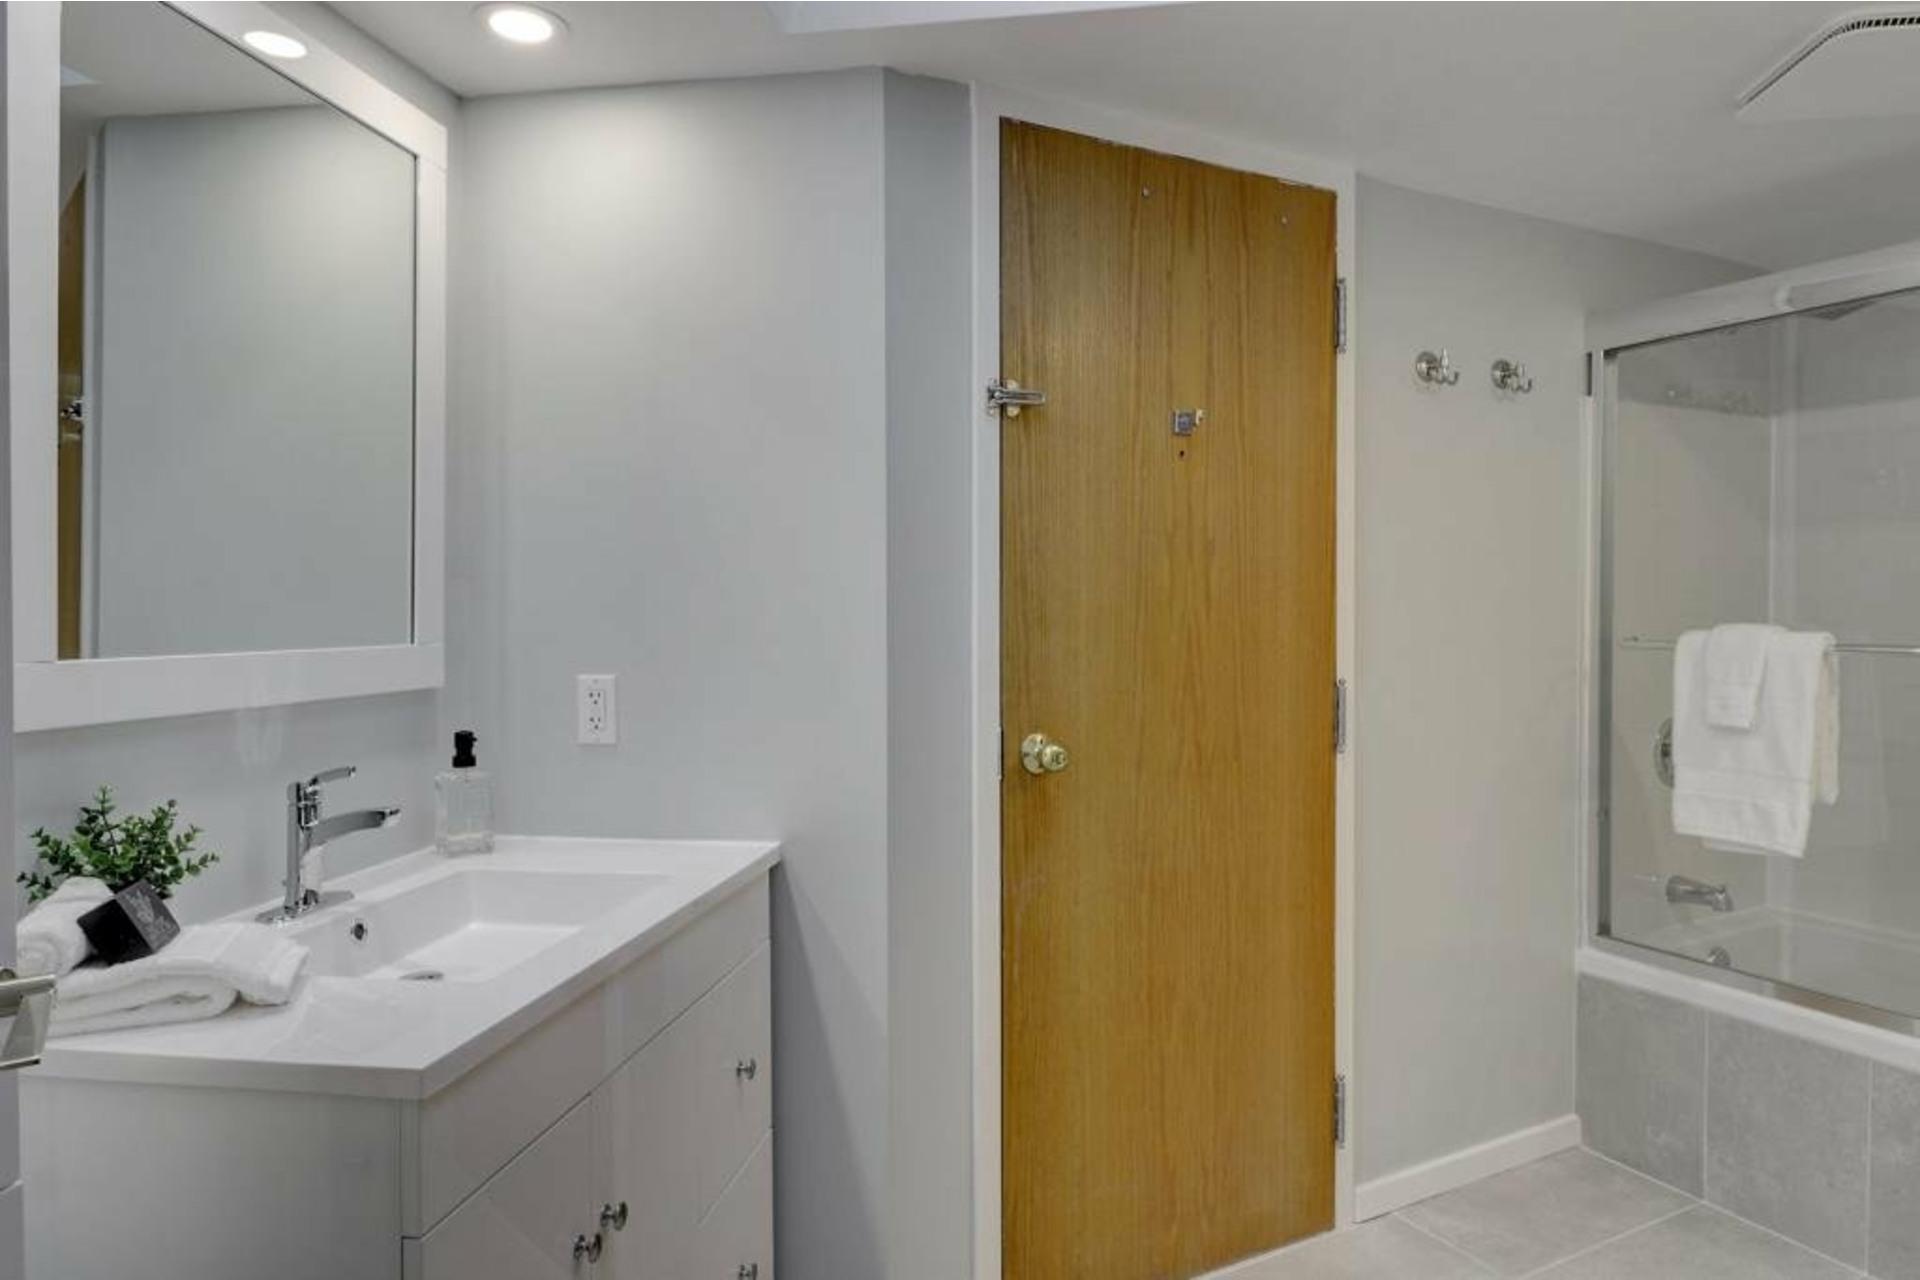 image 13 - Apartment For rent Ville-Marie Montréal  - 4 rooms